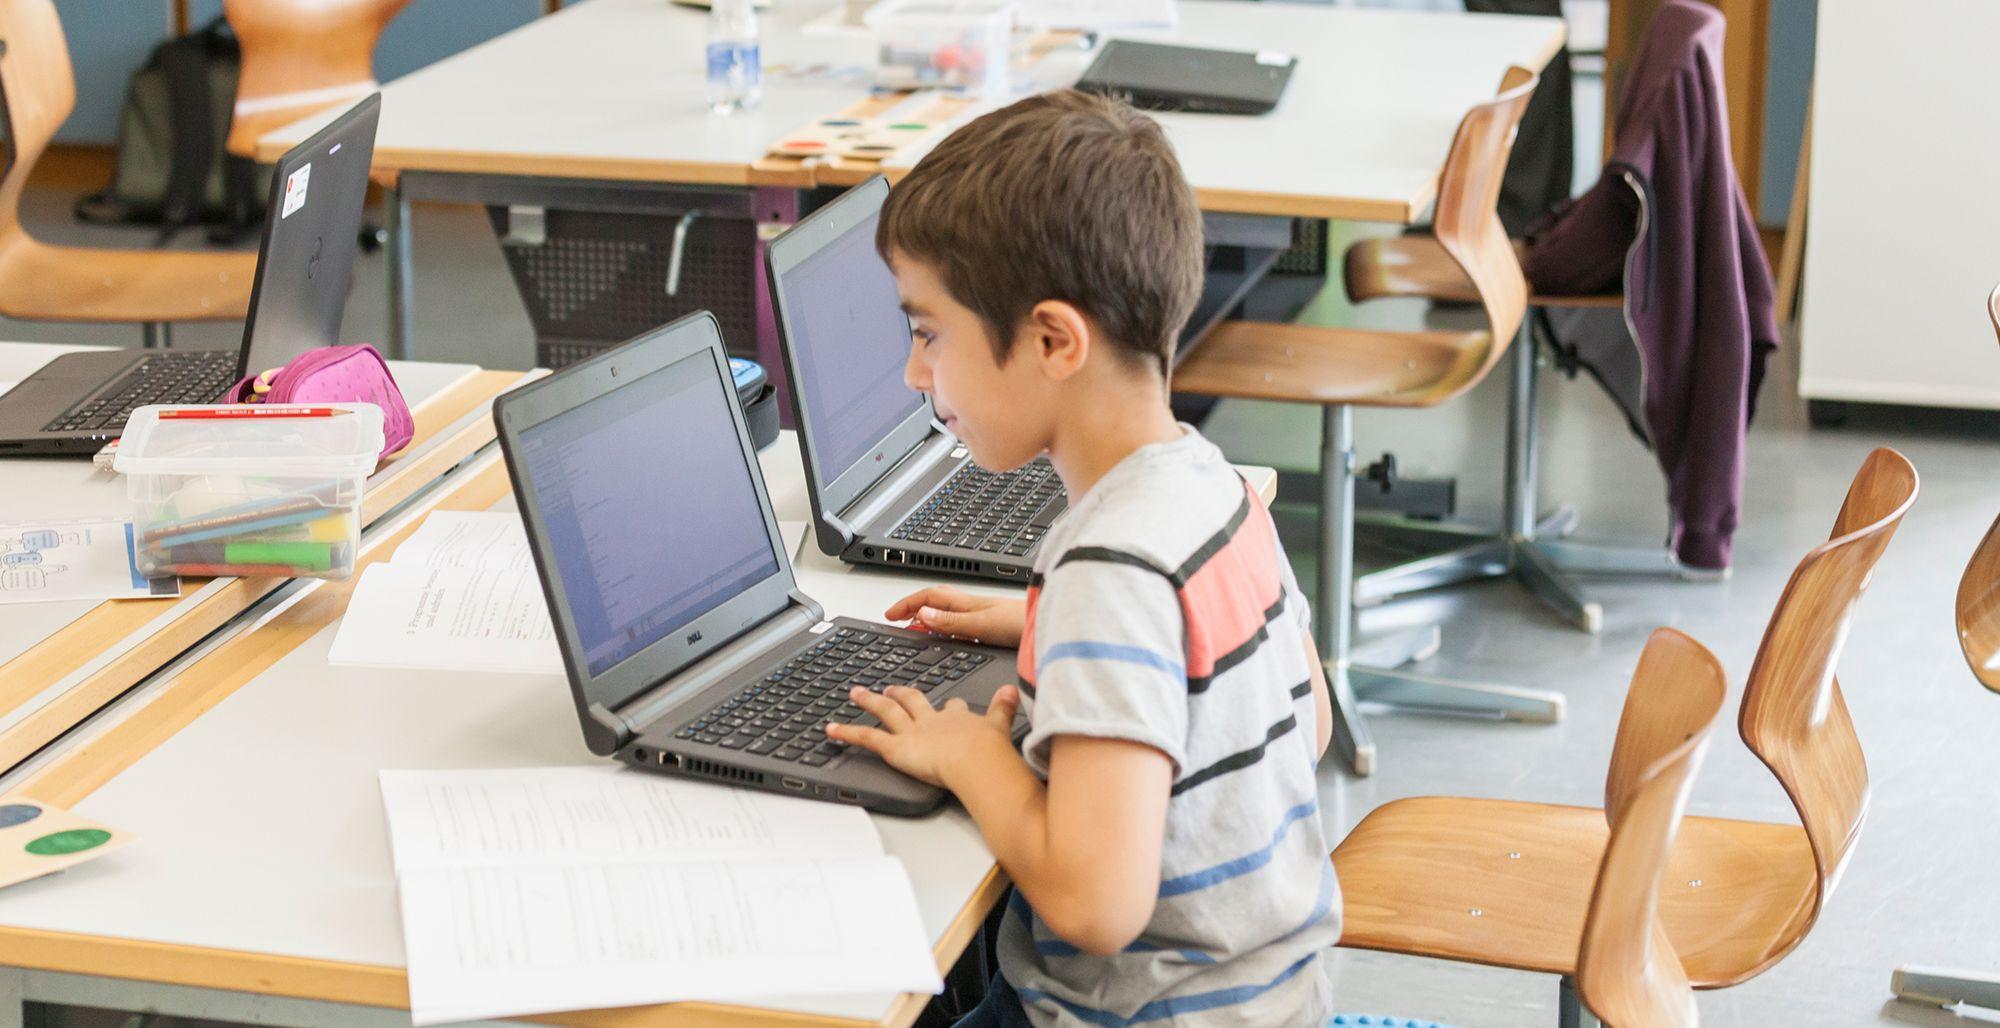 Die Kinder lernen ihre Programme zu verbessern, bis sie mit dem Ergebnis zufrieden sind.